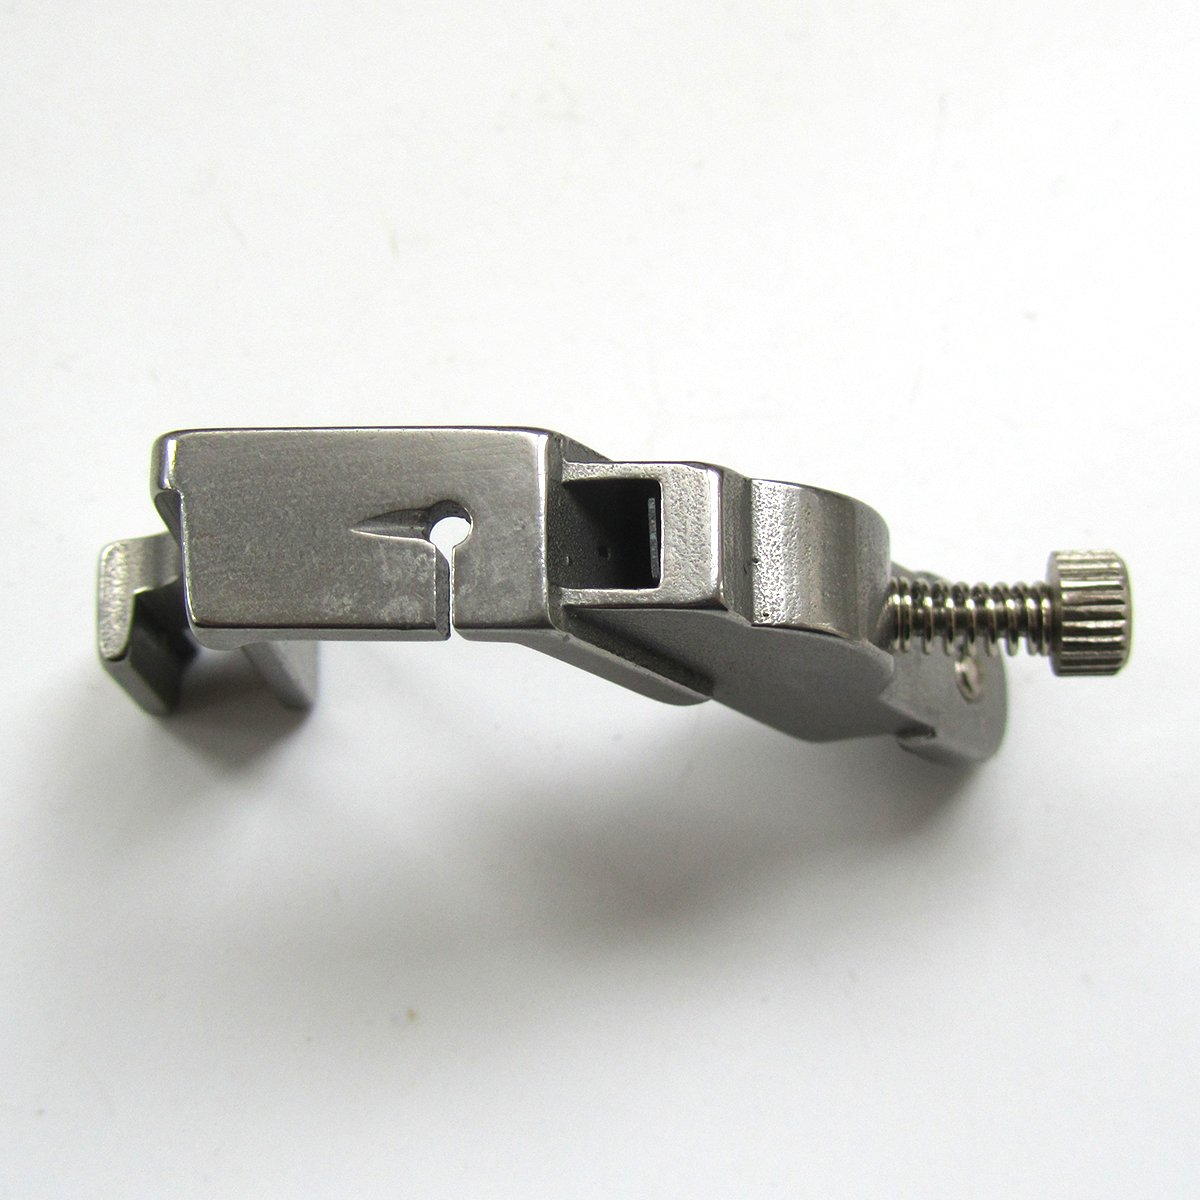 kunpeng - Banda elástica ajustable para pie para máquina de coser Industrial # S537 (1 pcs): Amazon.es: Juguetes y juegos